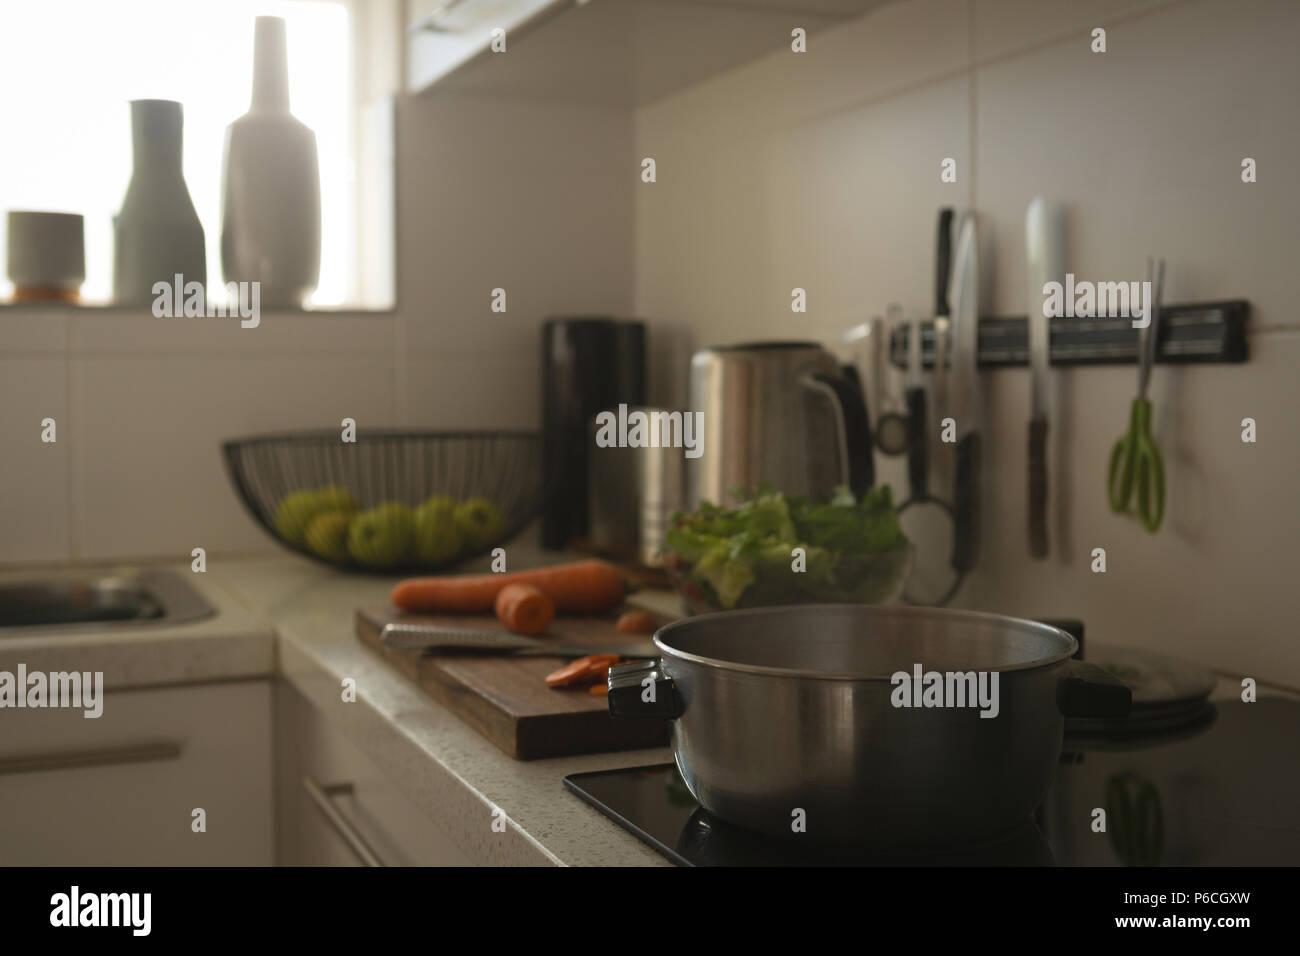 Pfanne auf Induktions-kochfeld in der Küche Stockfoto